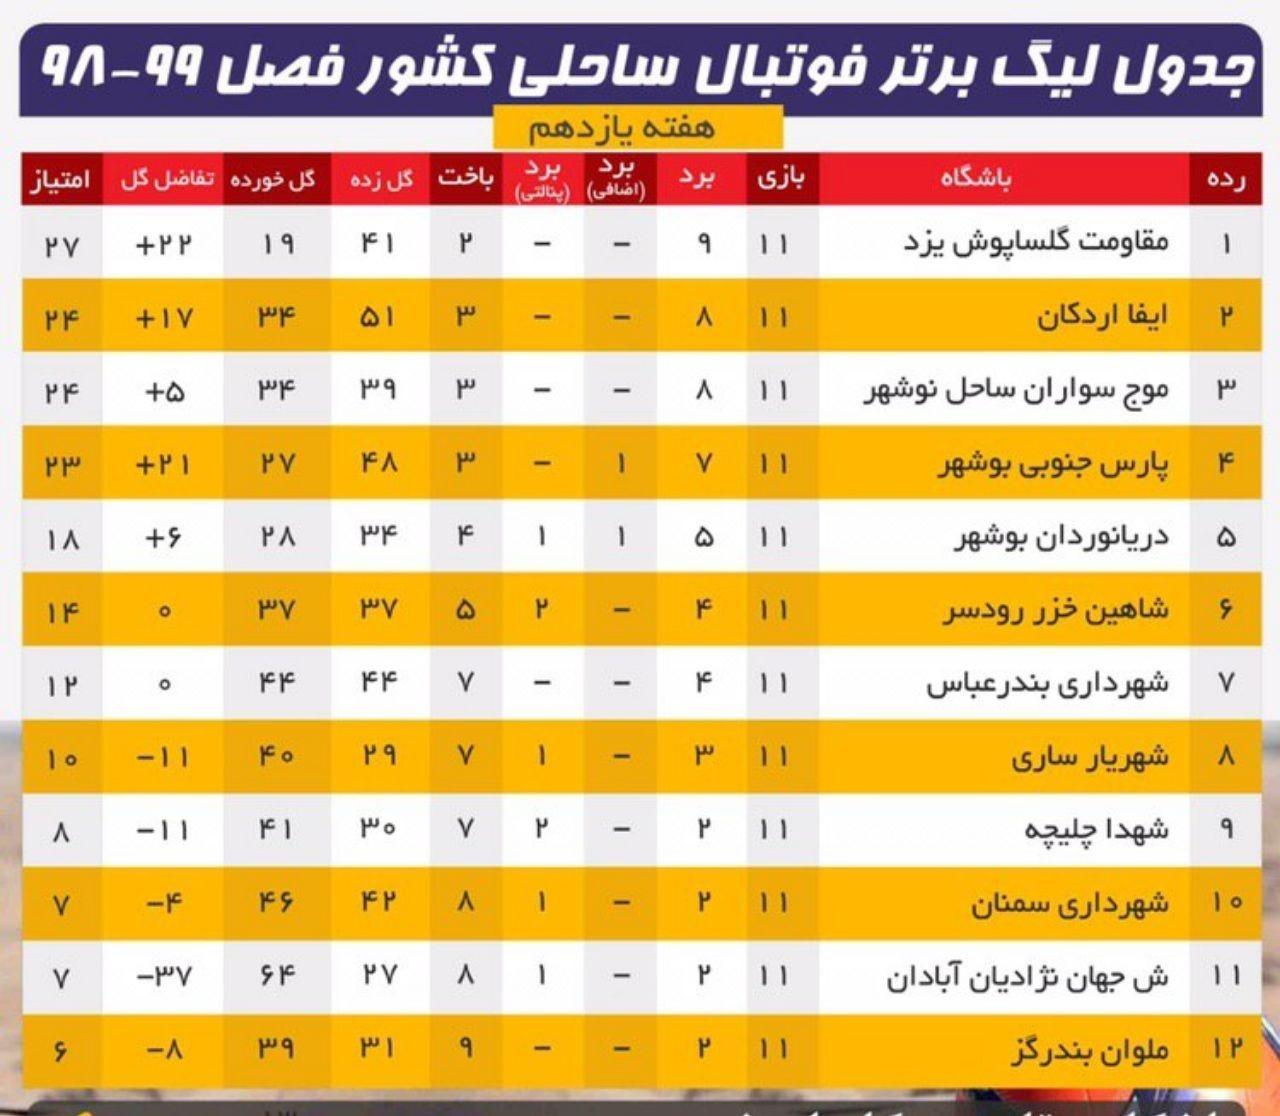 شکست نمایندگان بوشهر مقابل حریفان یزدی